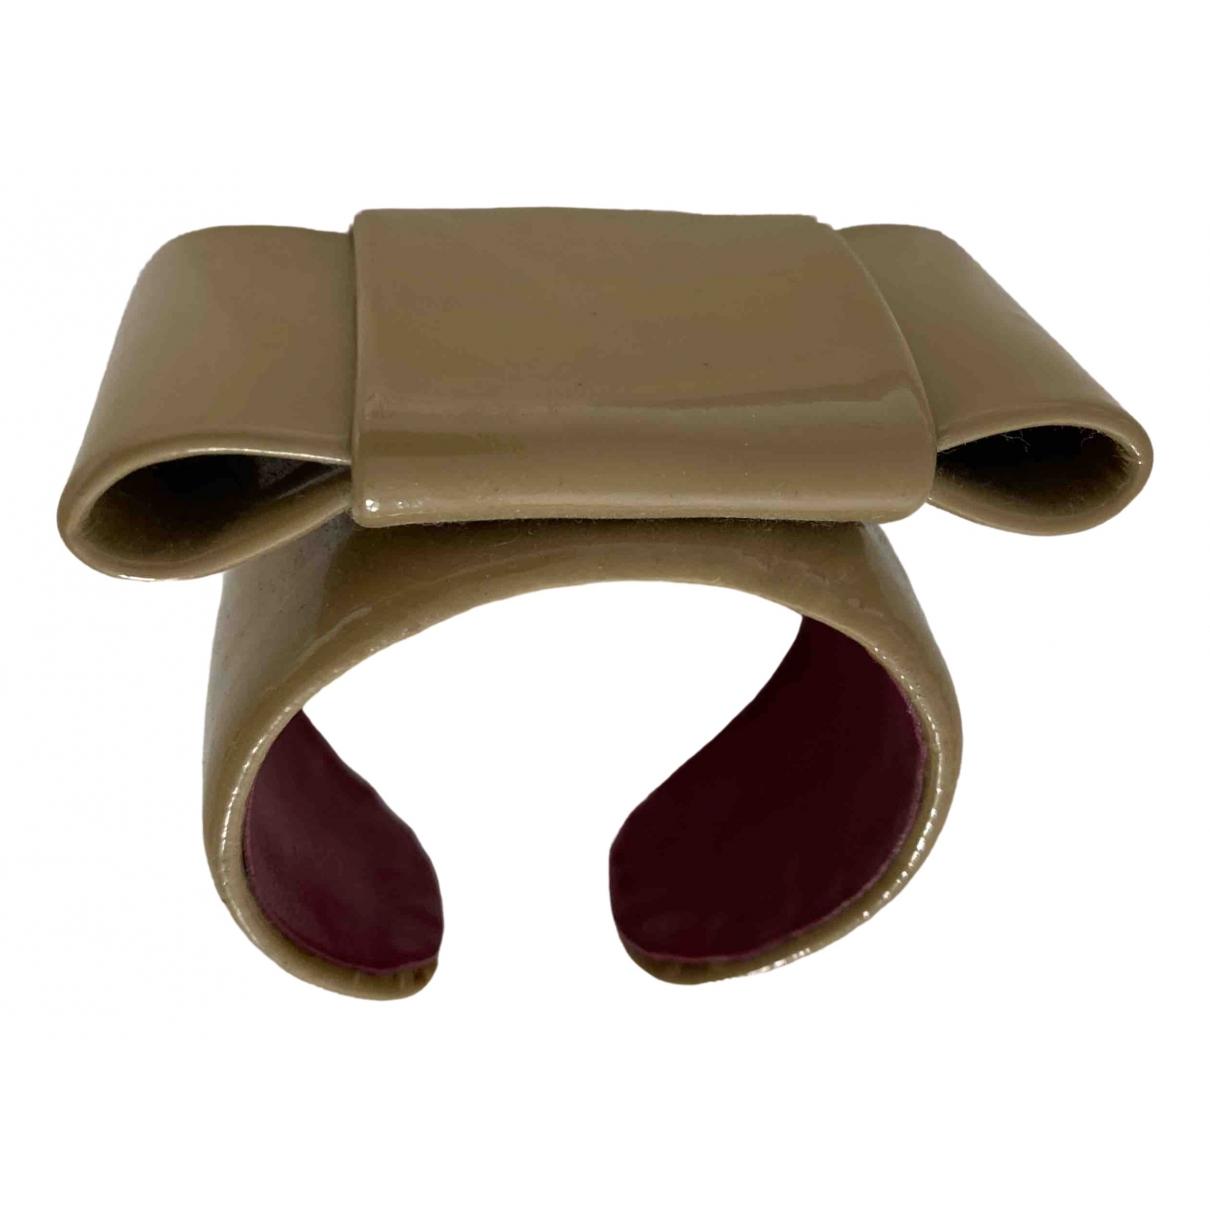 Miu Miu - Bracelet   pour femme en cuir - beige